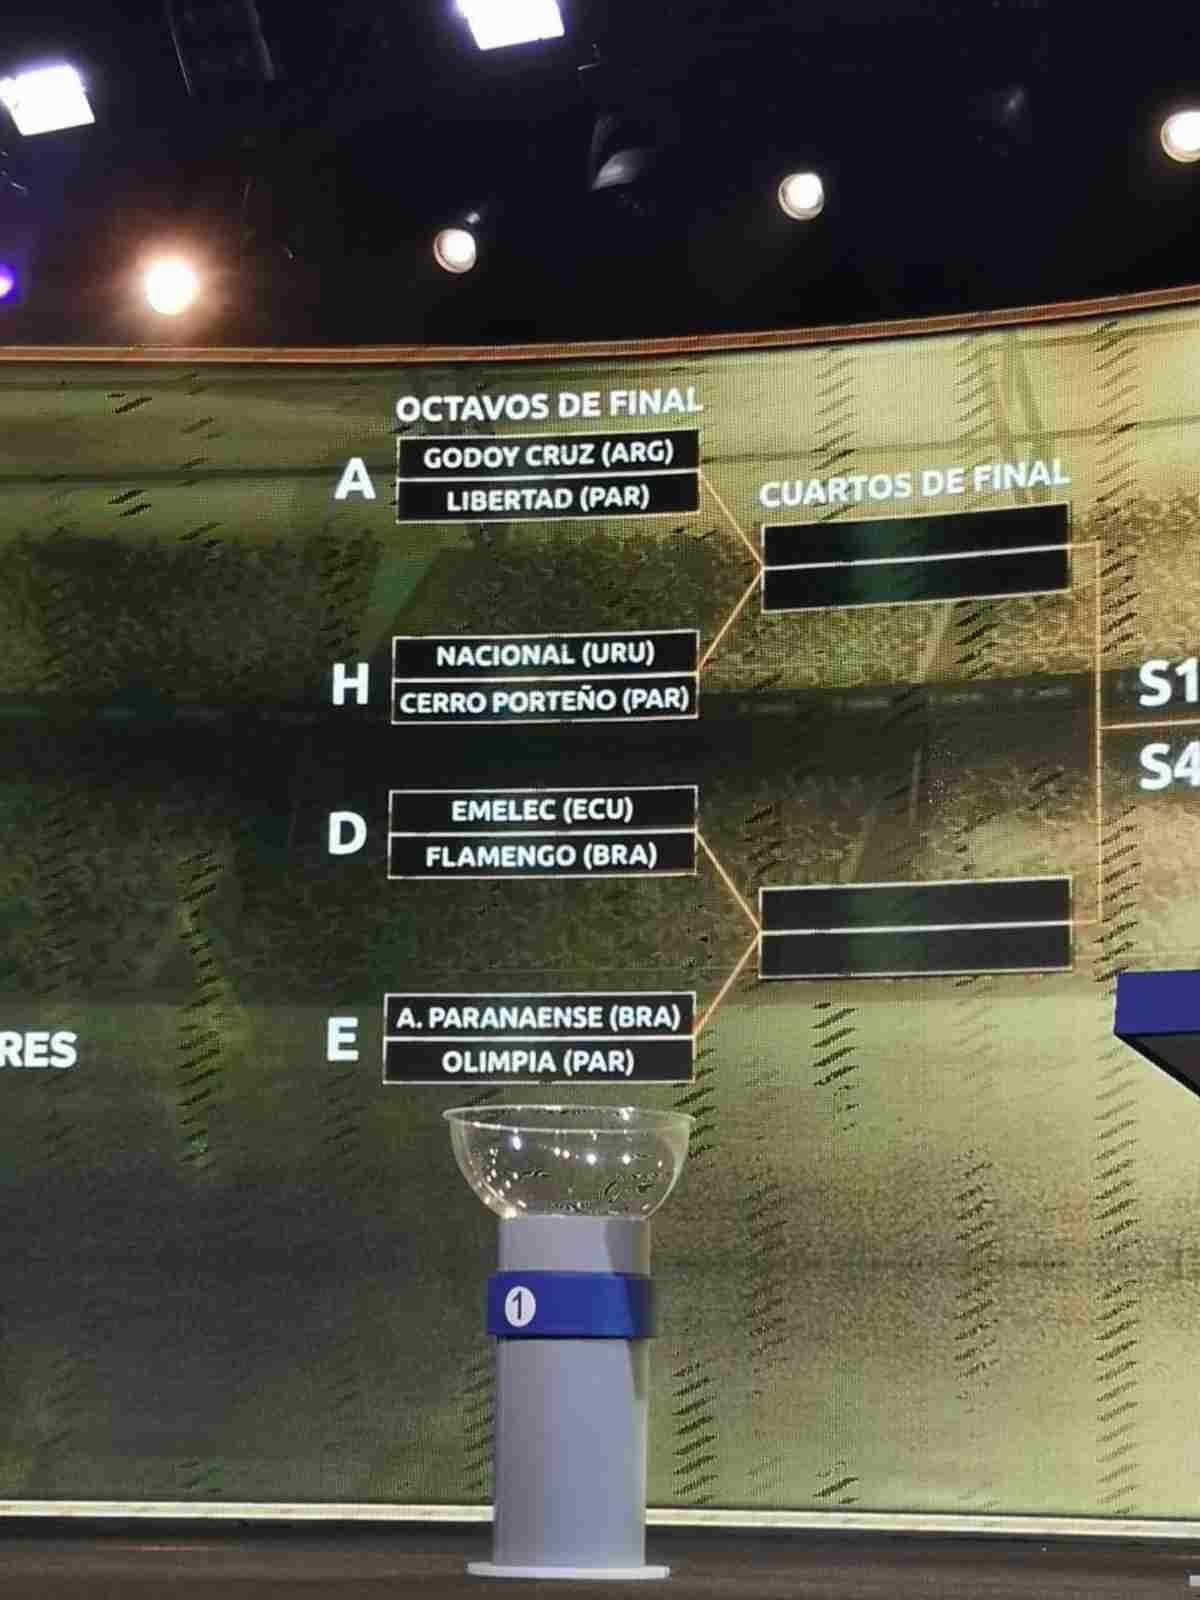 Esto dejó el simulacro de sorteo de la Copa Libertadores 2019. (Captura de Olé)